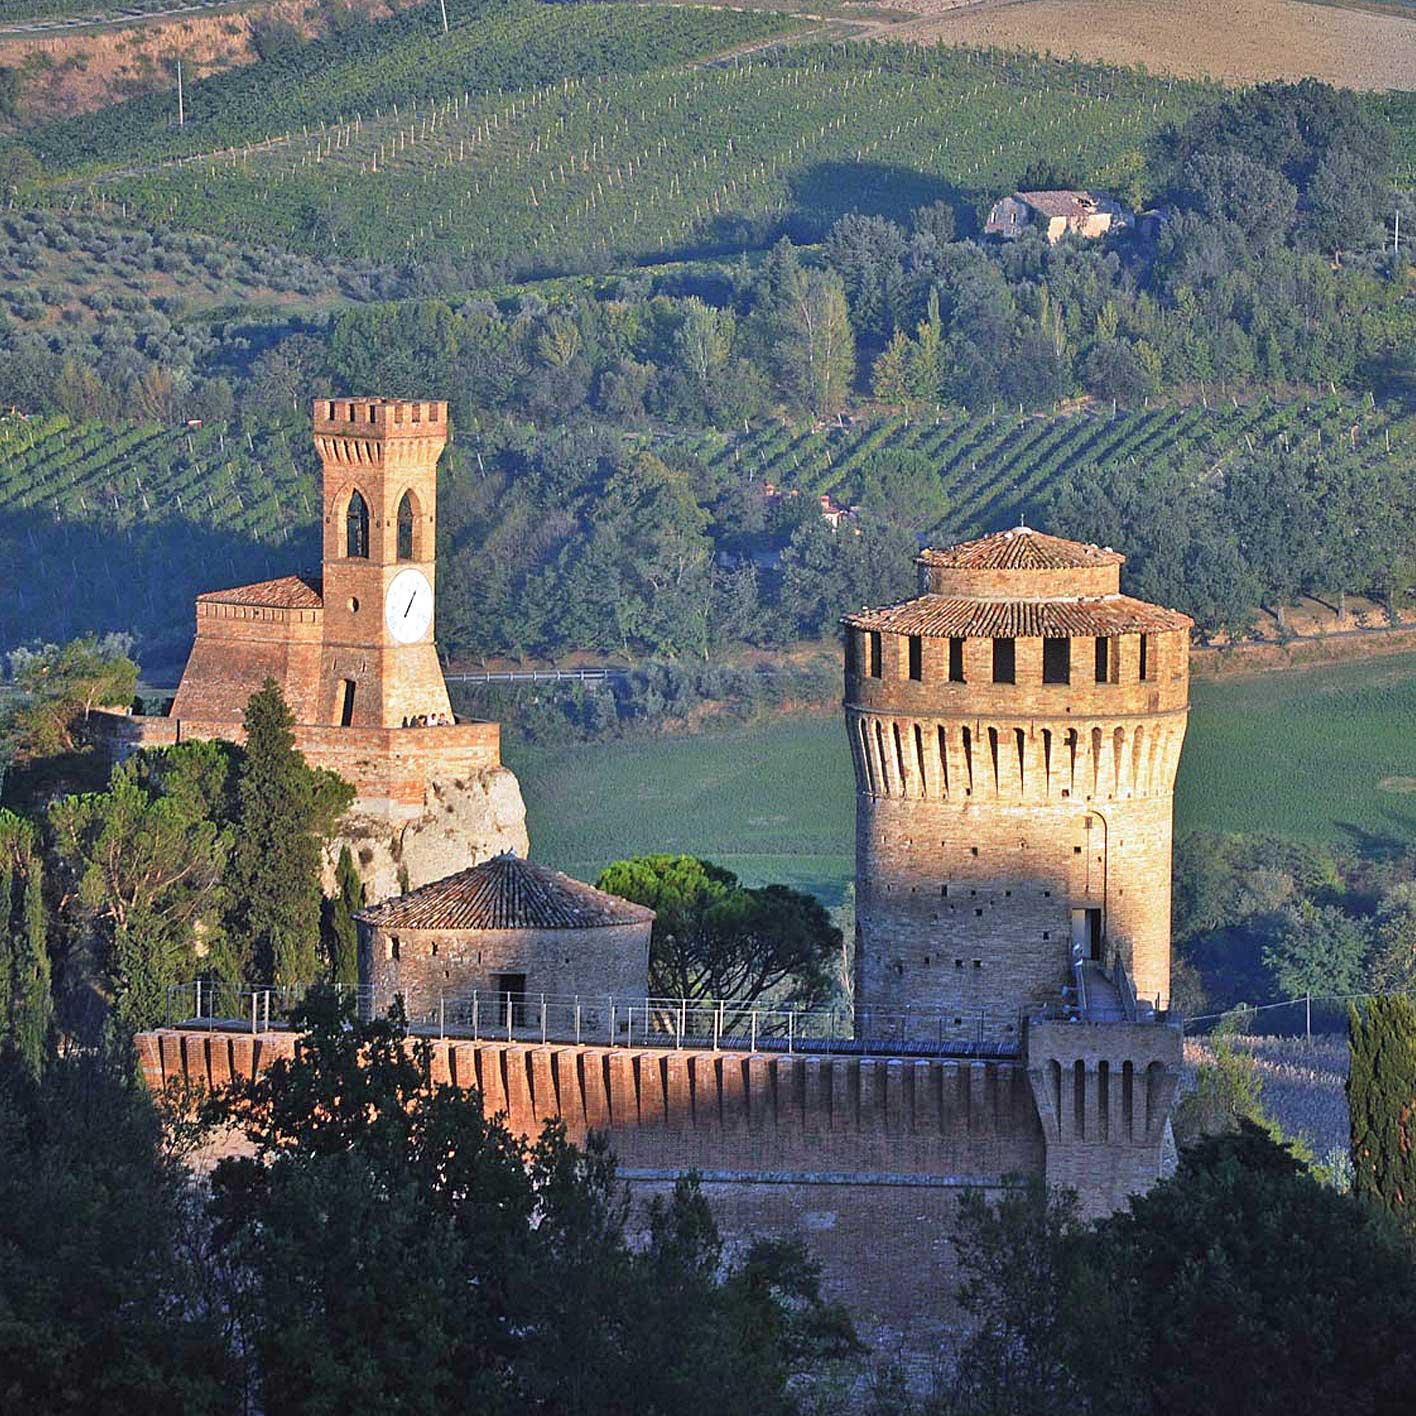 Eventi brisighella uno dei borghi pi belli d 39 italia - San silvestro bagno di romagna ...